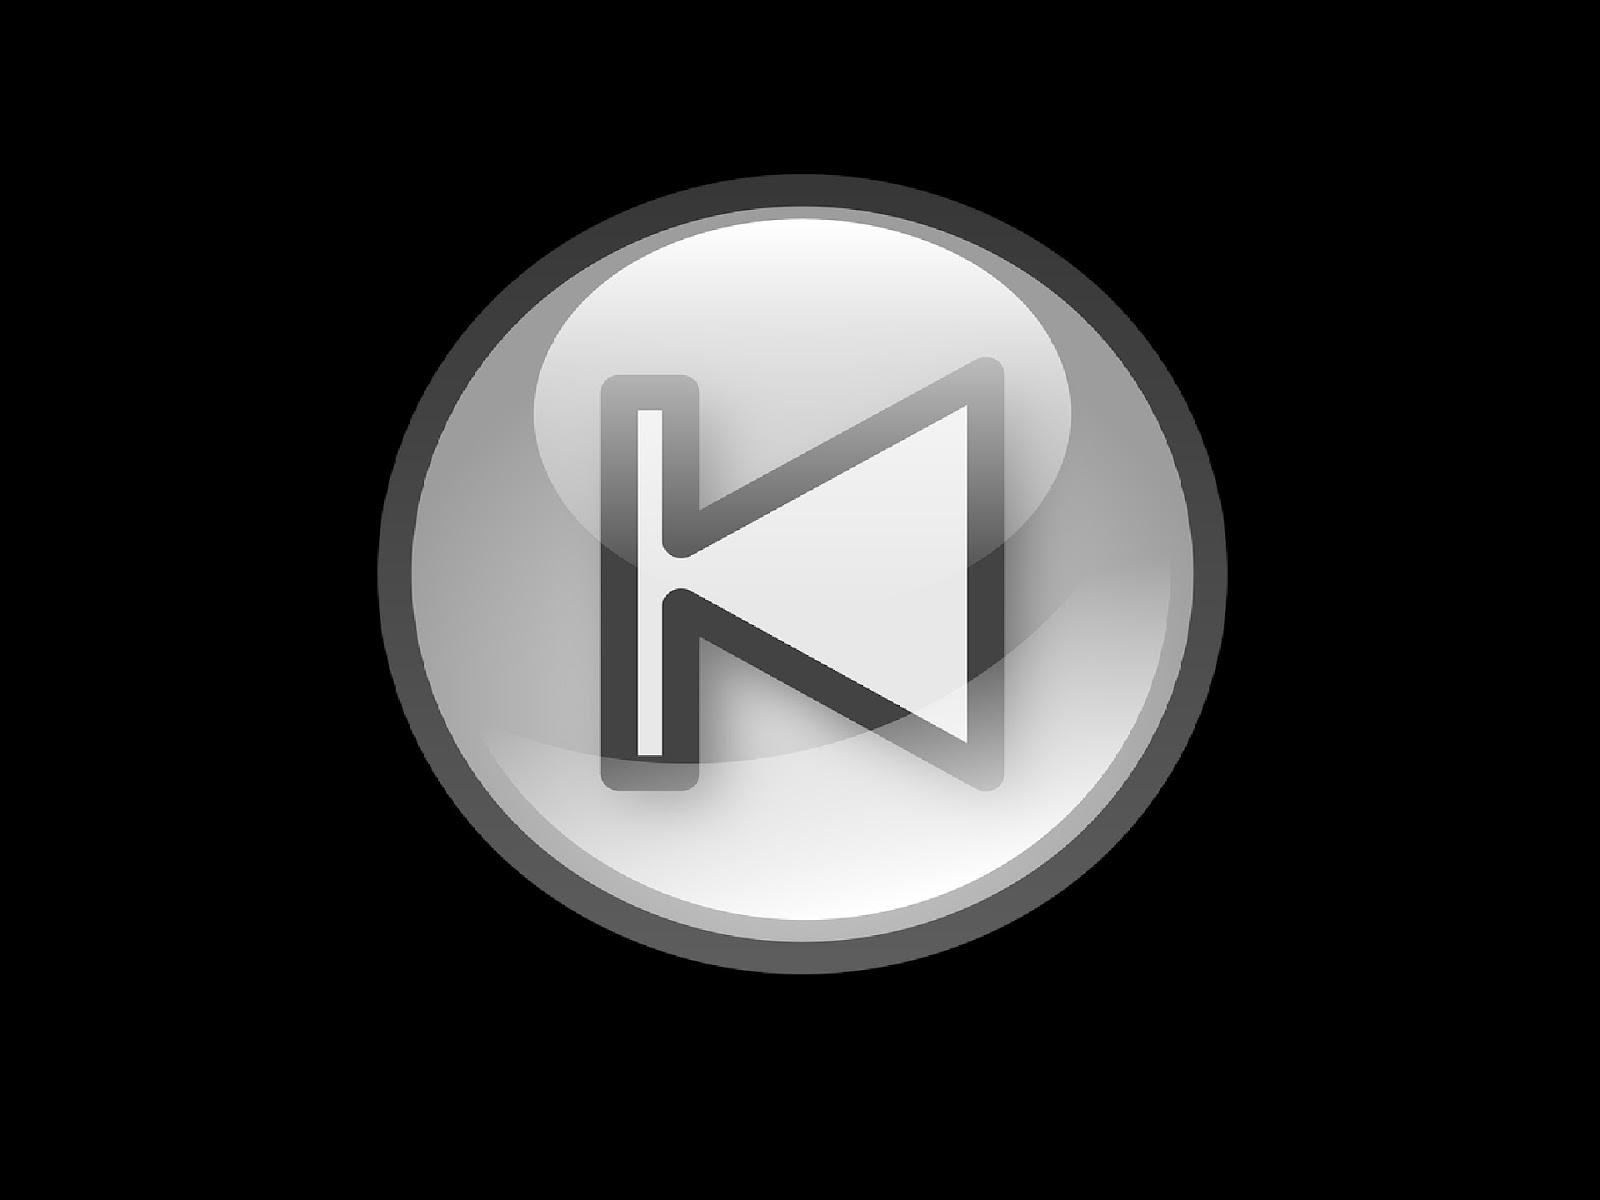 All Sound Effects Vinyl Rewind Sound Effect Free Download